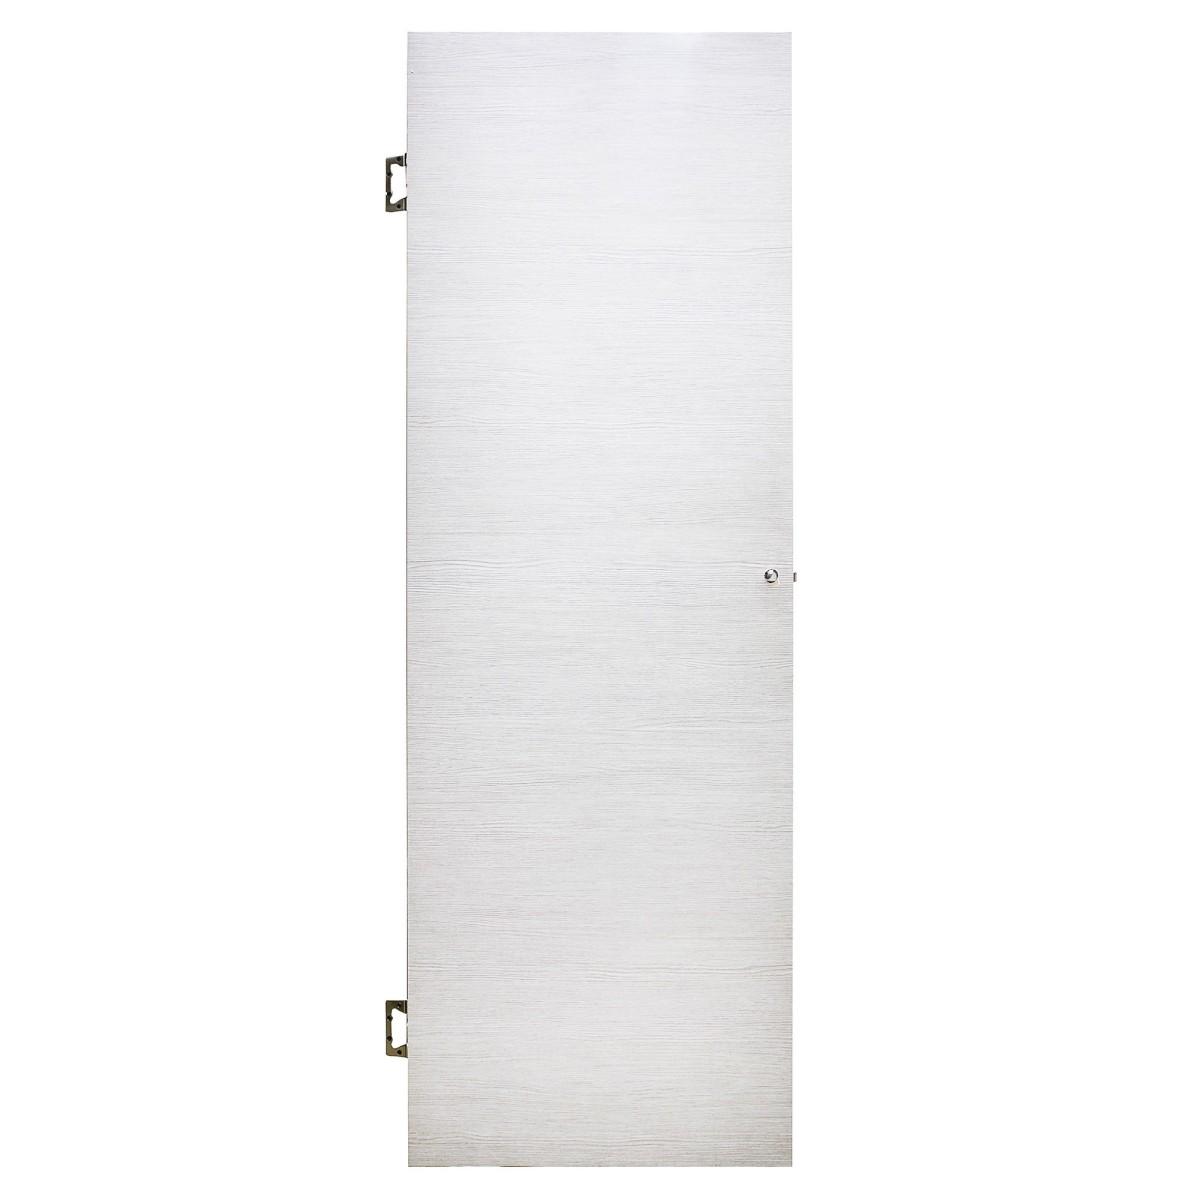 Дверь Межкомнатная Глухая Эклипс 60x200 Цвет Серый Дуб